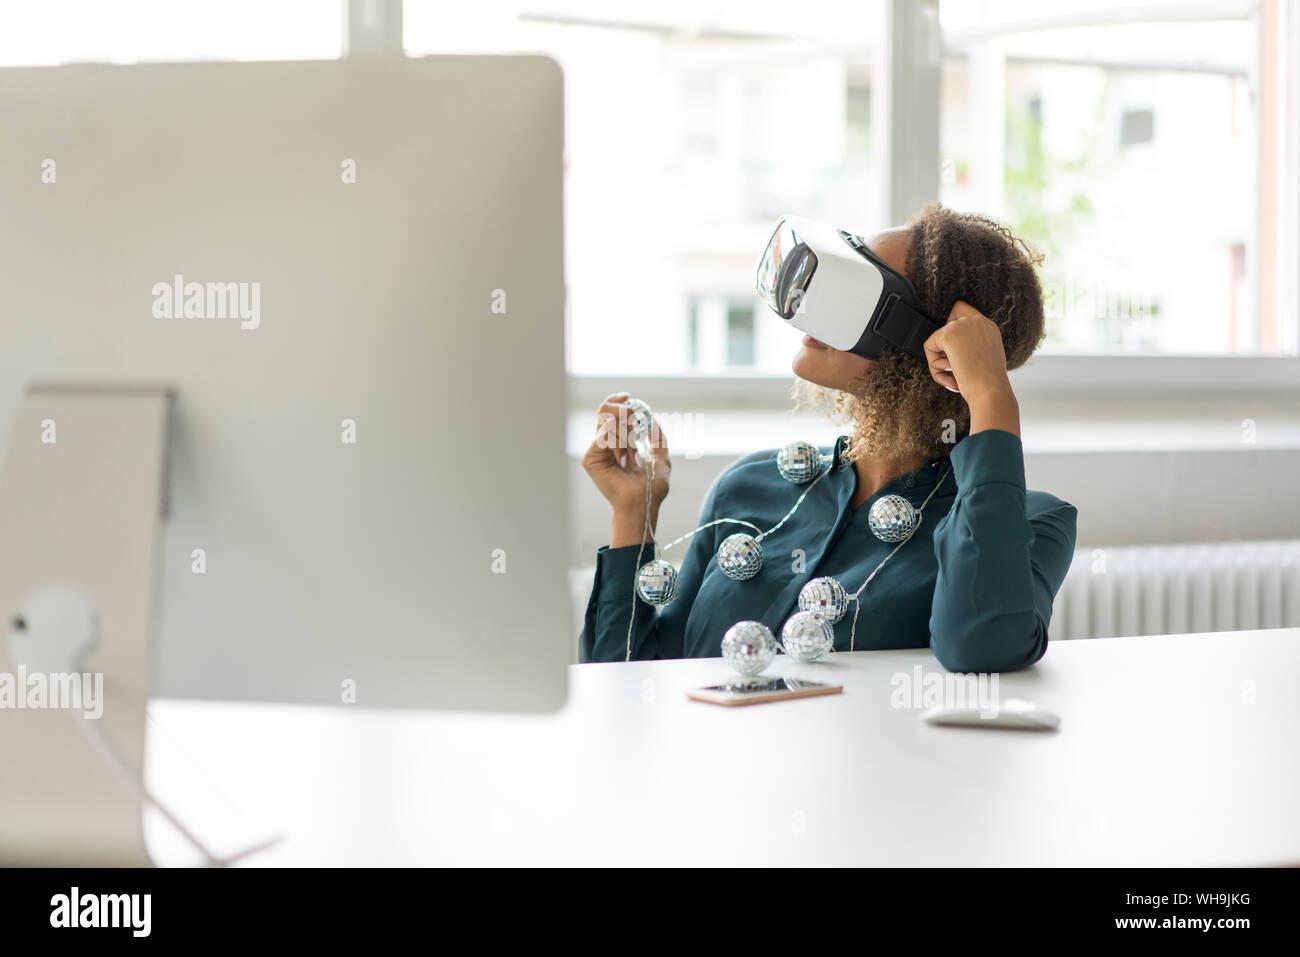 Jeune femme assise au bureau avec lumières à l'aide de lunettes de réalité virtuelle Banque D'Images